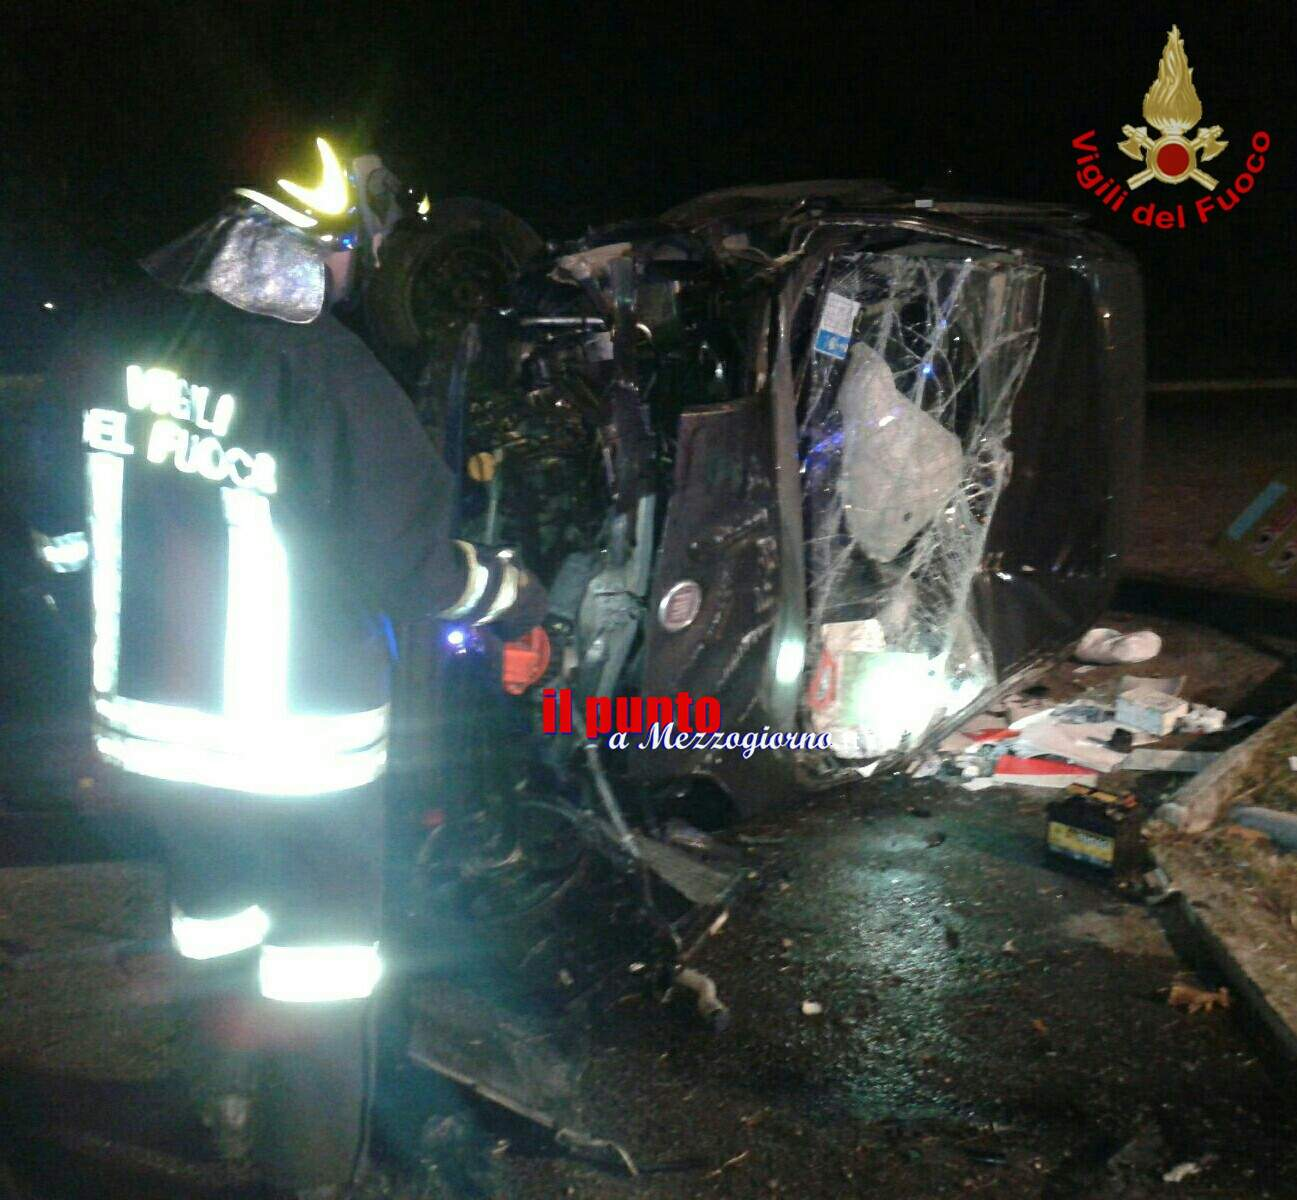 Mortale ad Aprilia, muore operaio investito, ferito grave il conducente dell'auto